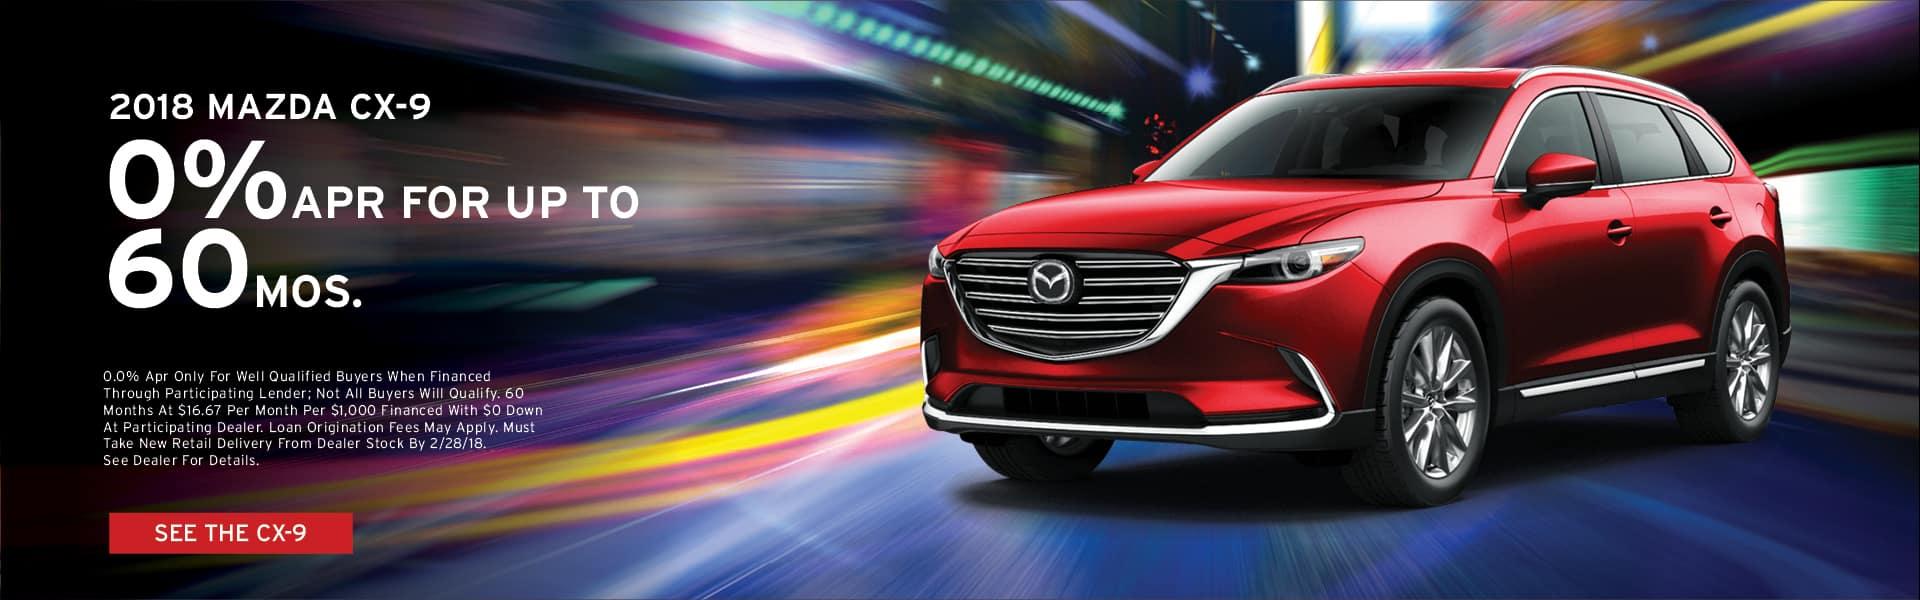 Großartig 2008 Mazda 3 Schaltplan Galerie - Der Schaltplan ...